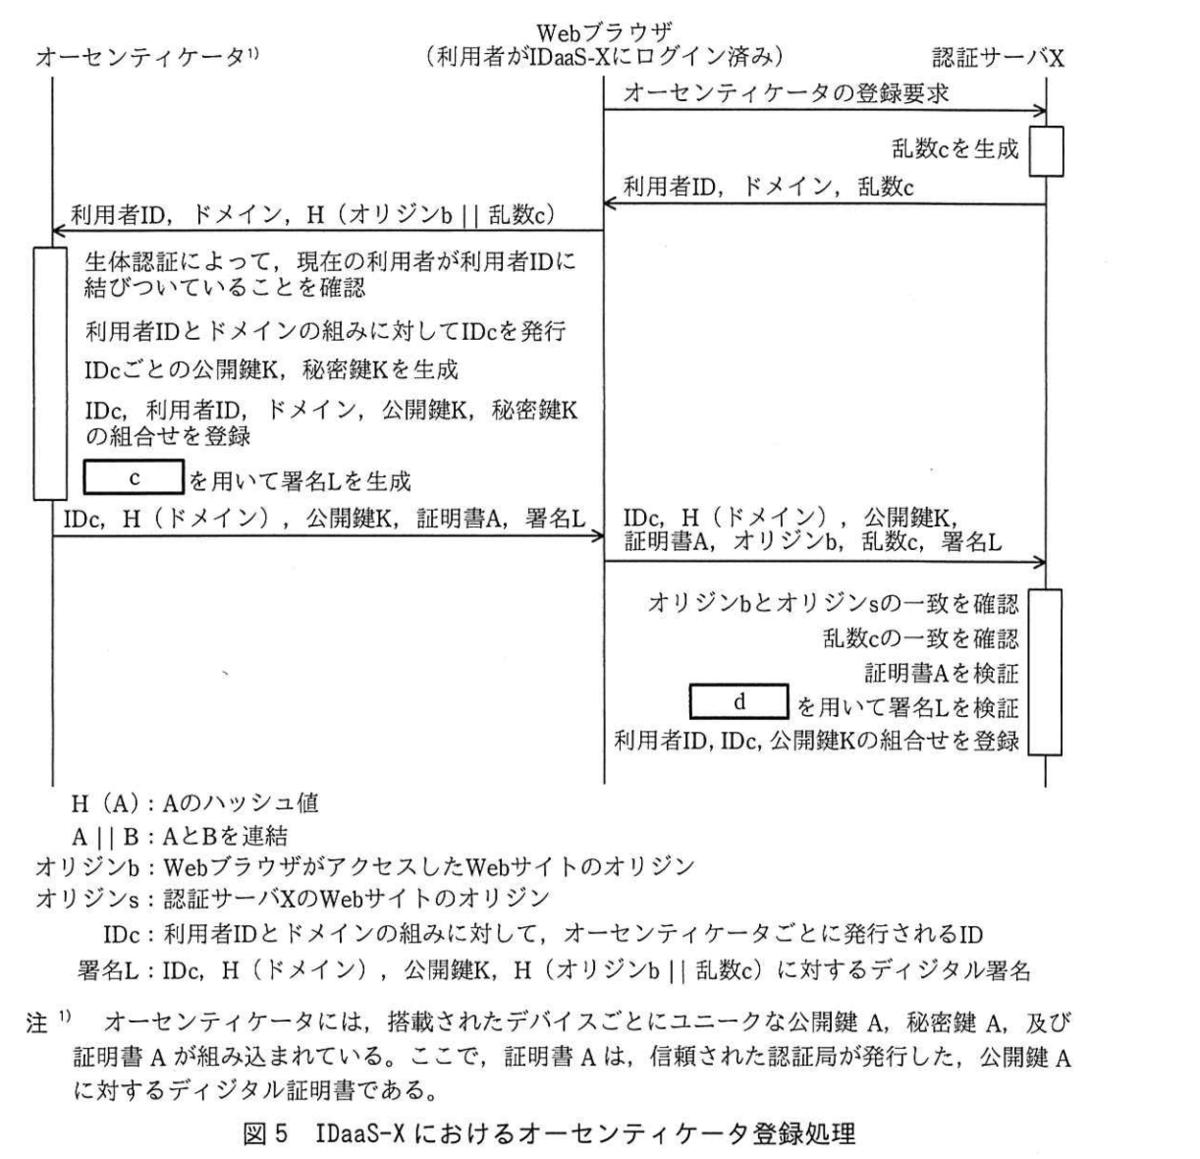 f:id:yamaiririy:20210819101919p:plain